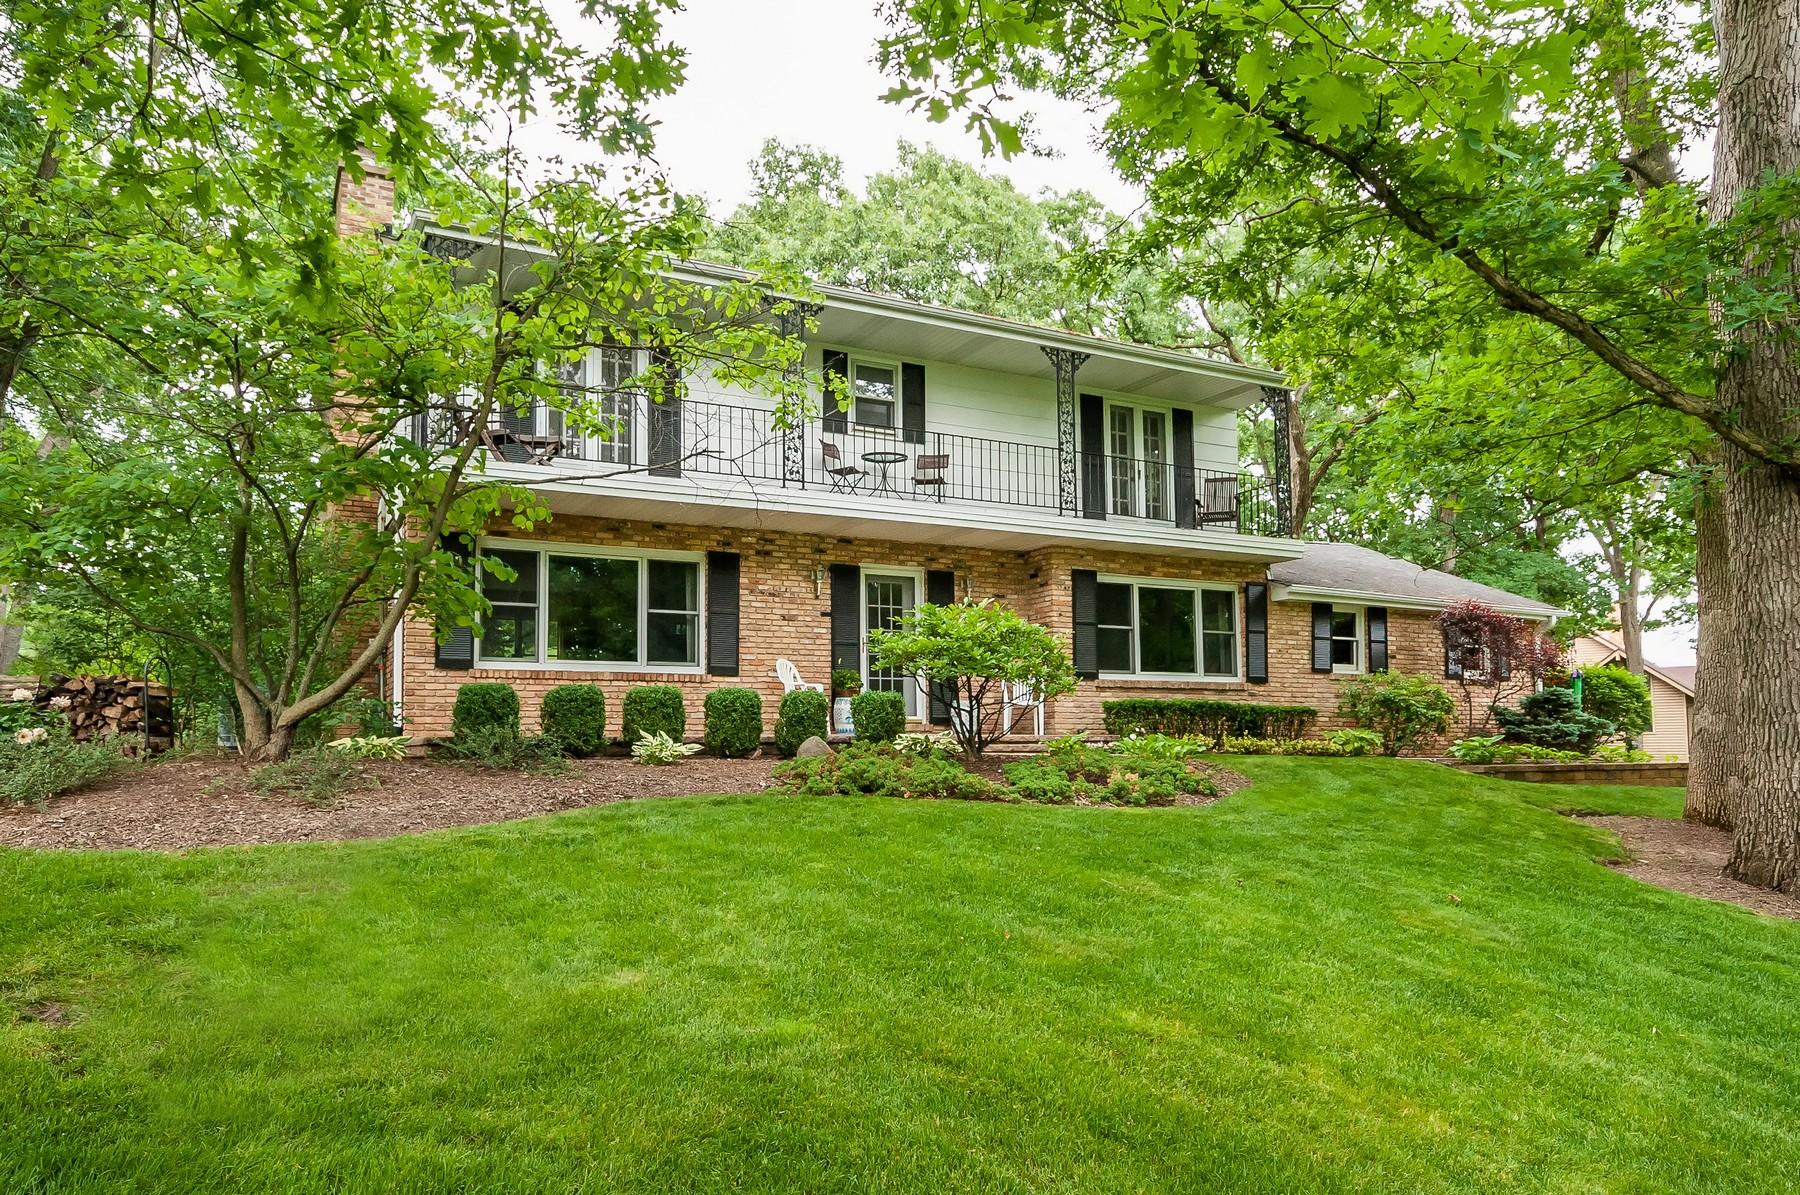 Maison unifamiliale pour l Vente à Beautiful Spacious Palos Dells Home 12329 S Seminole Road Palos Park, Illinois, 60464 États-Unis